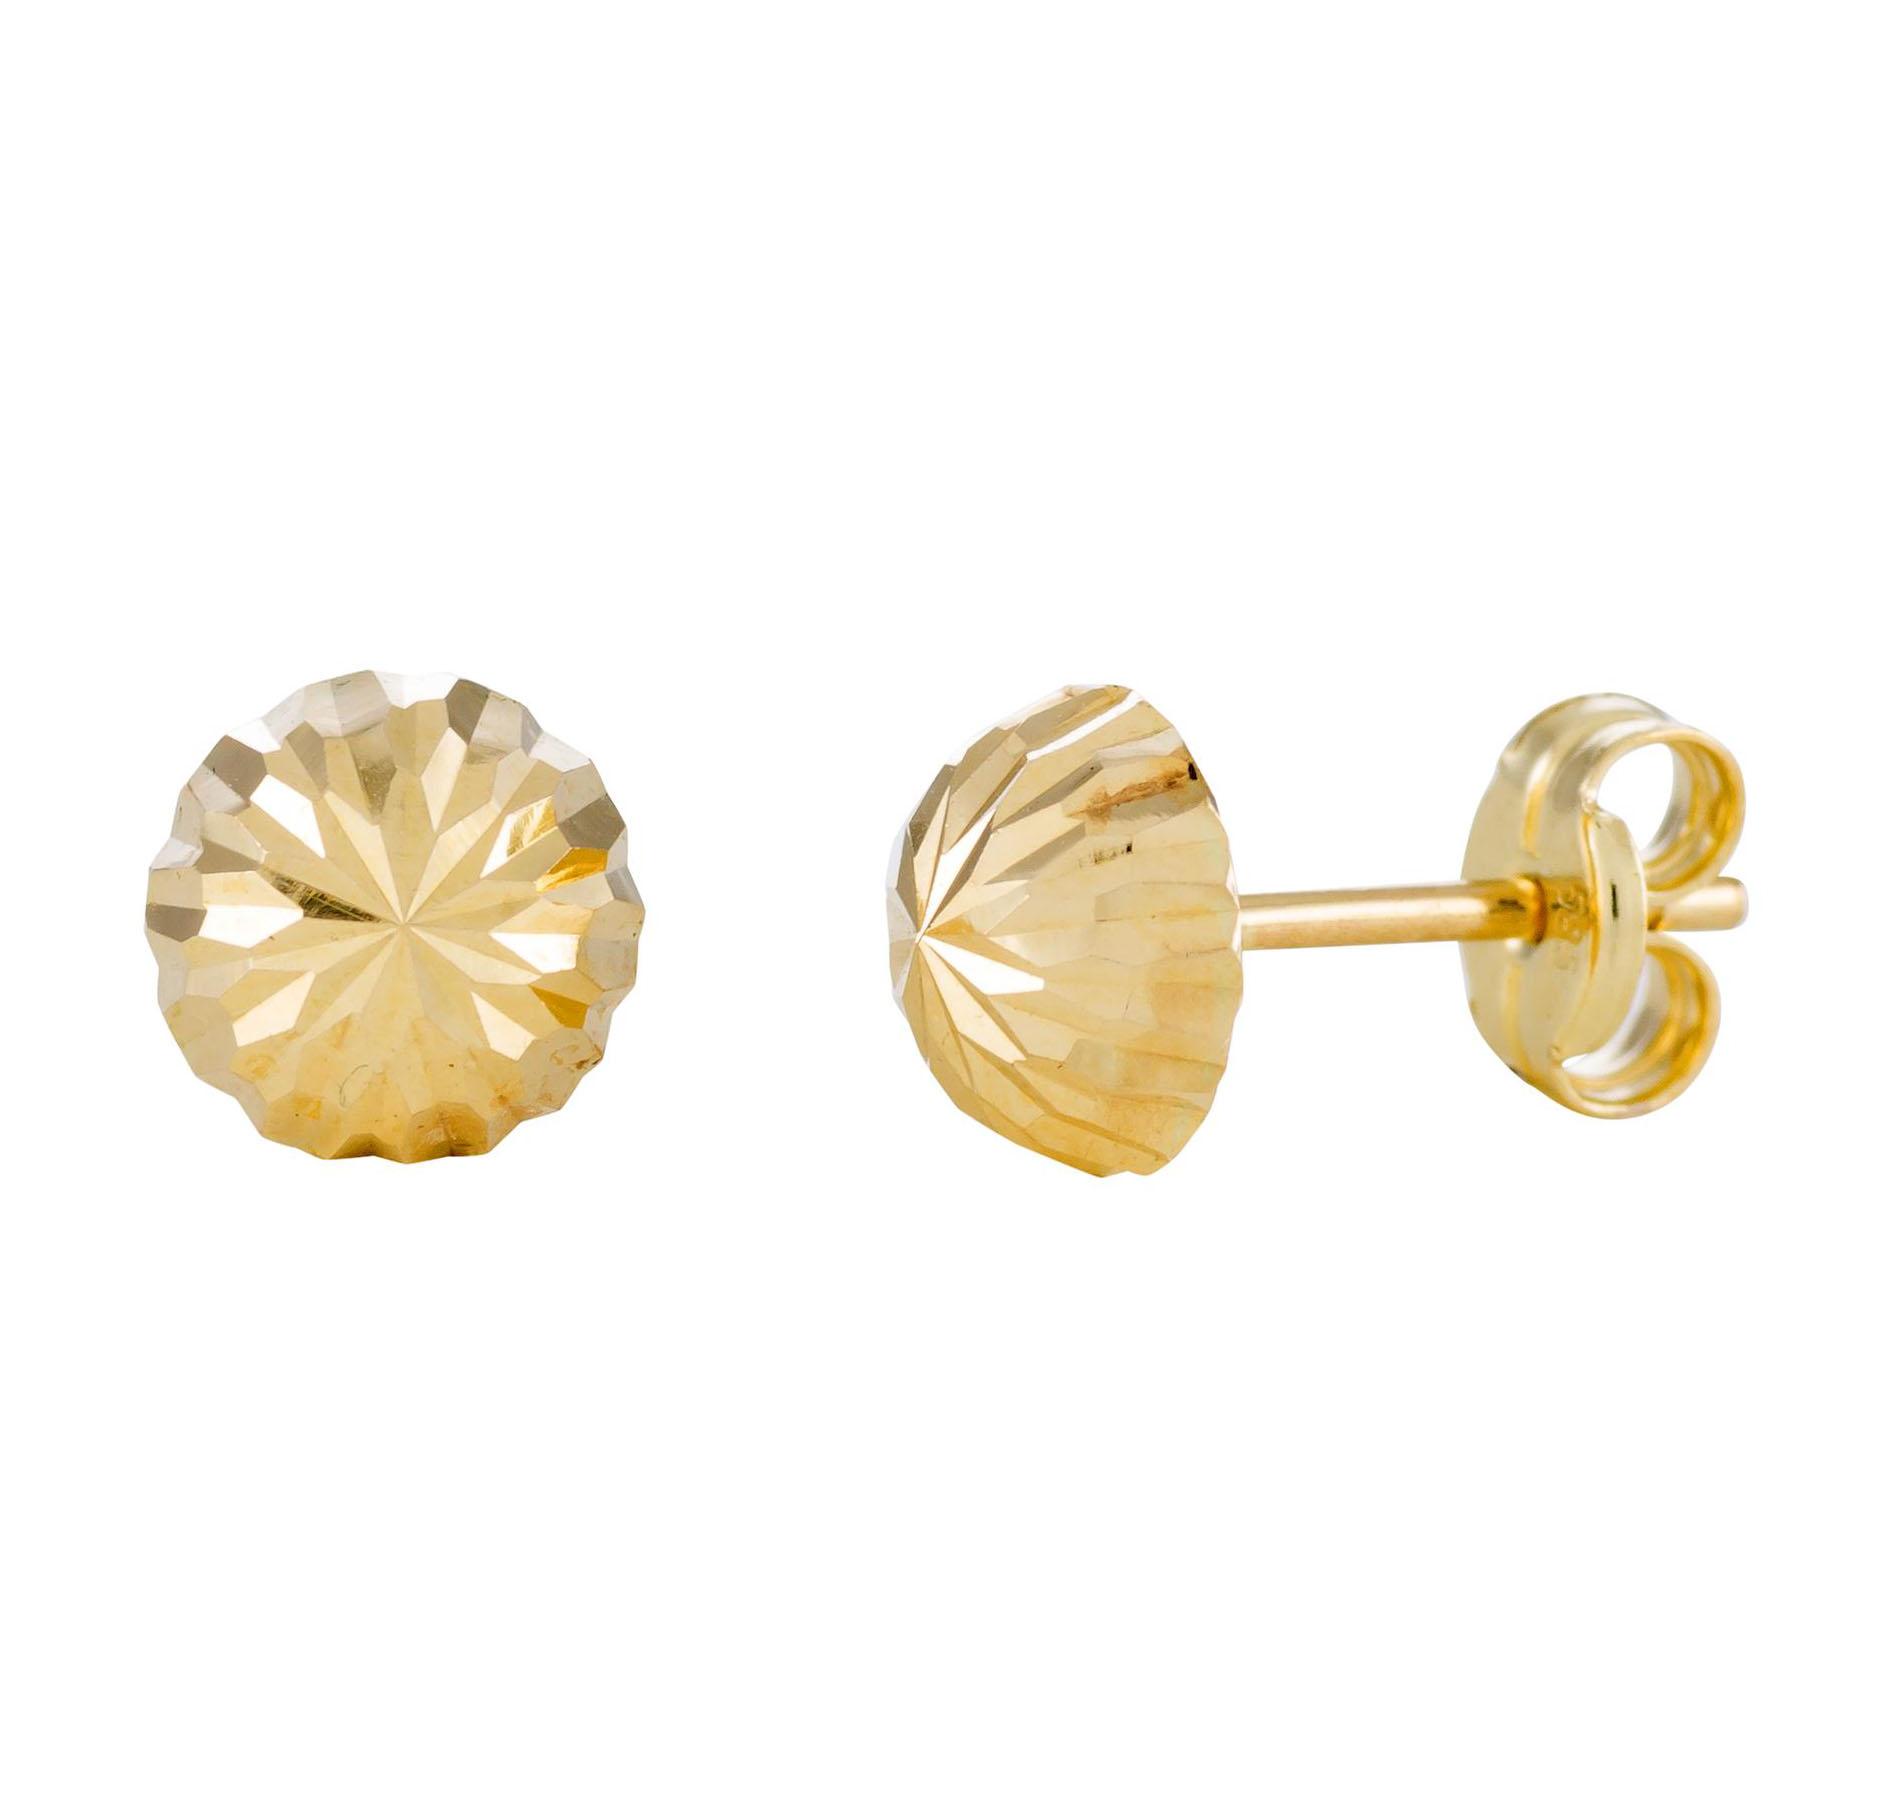 Afbeelding van 14 Krt Gouden Oorbellen 6.0 mm Gediamanteerd 206.0460.06